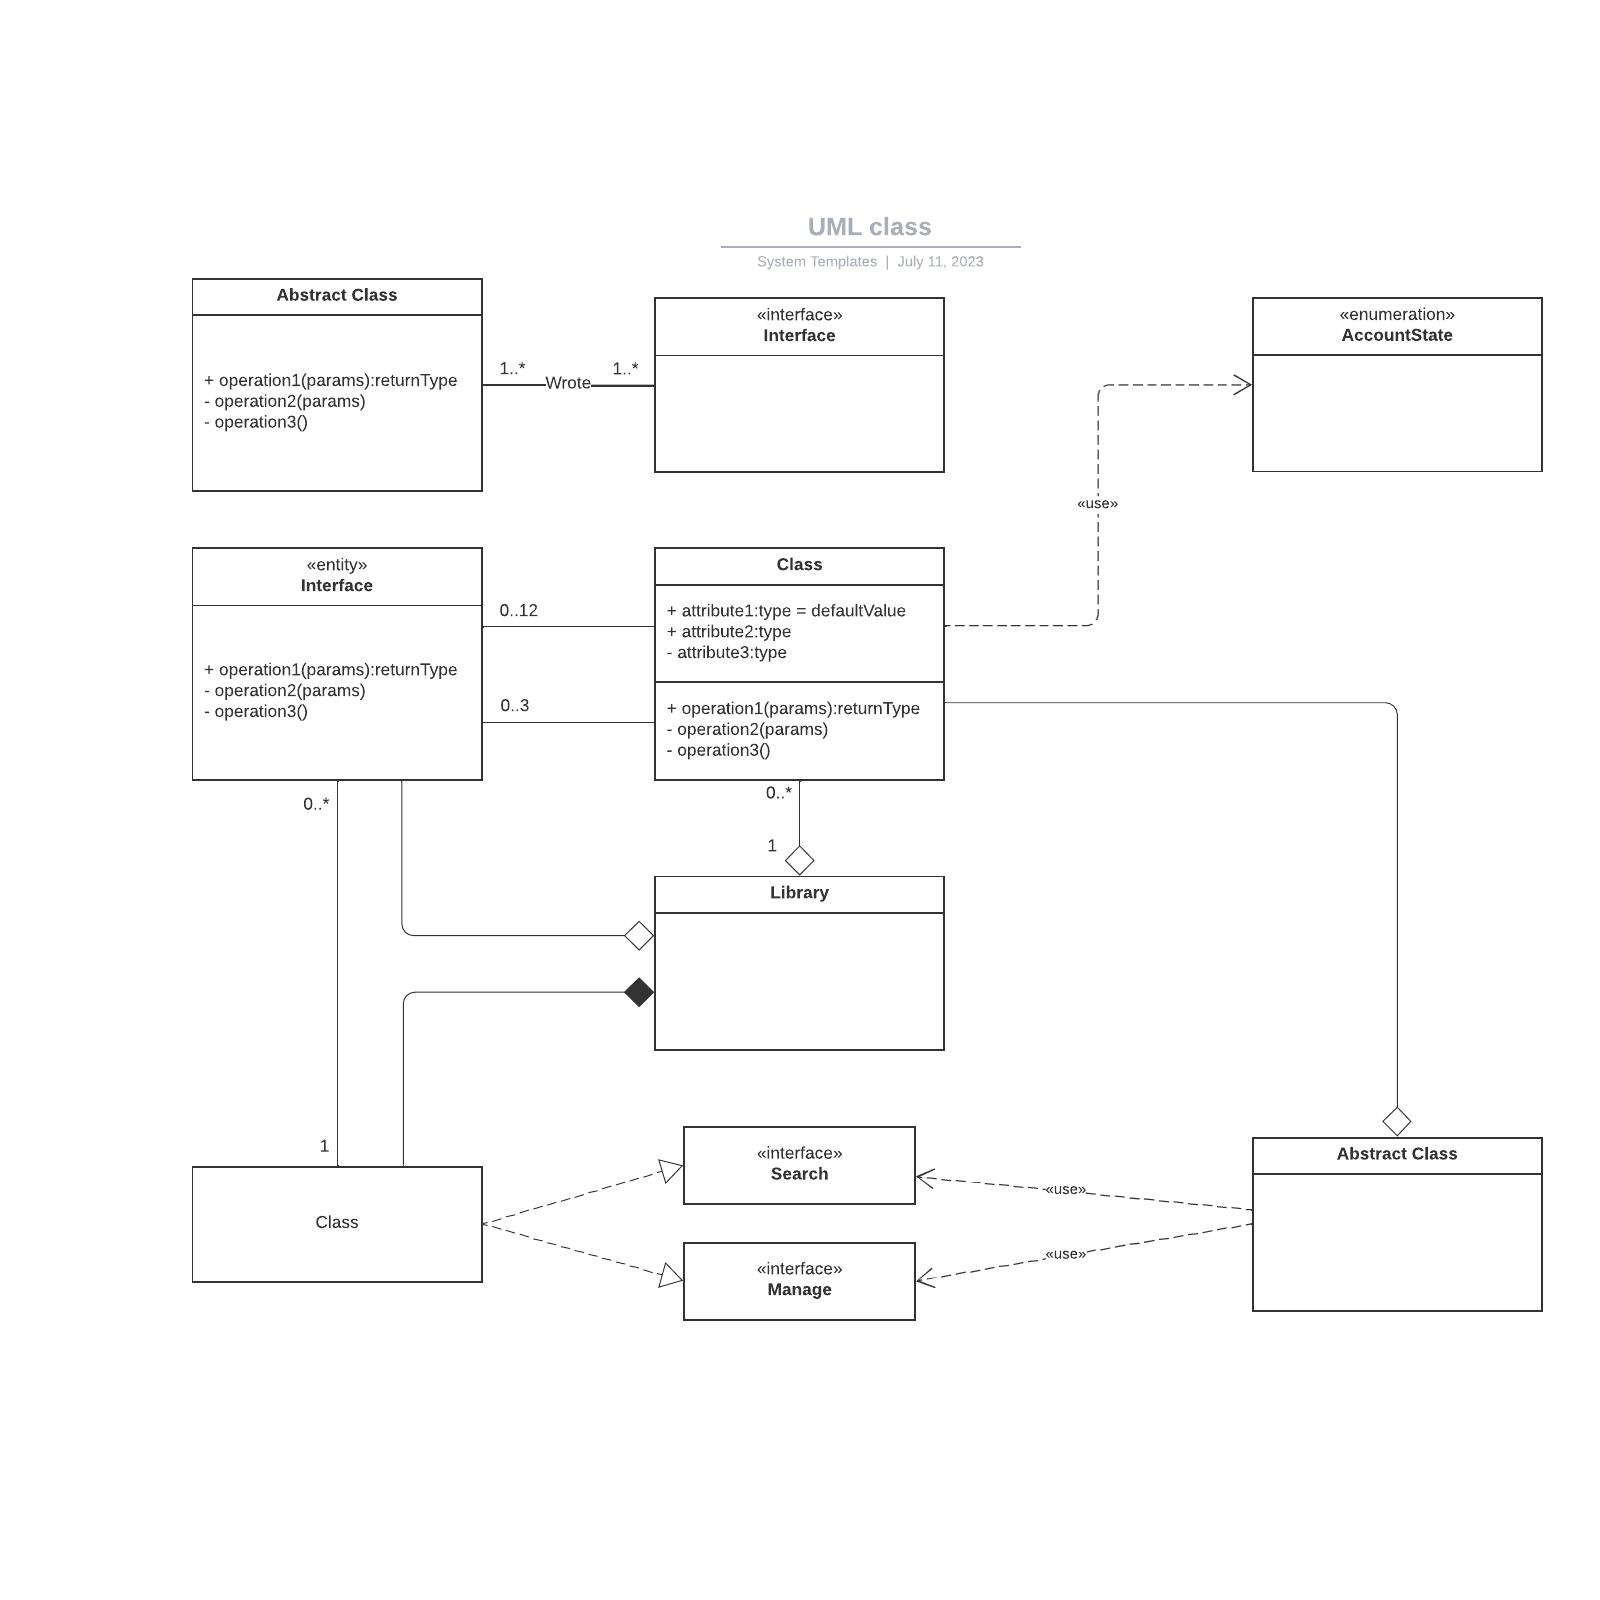 UML class